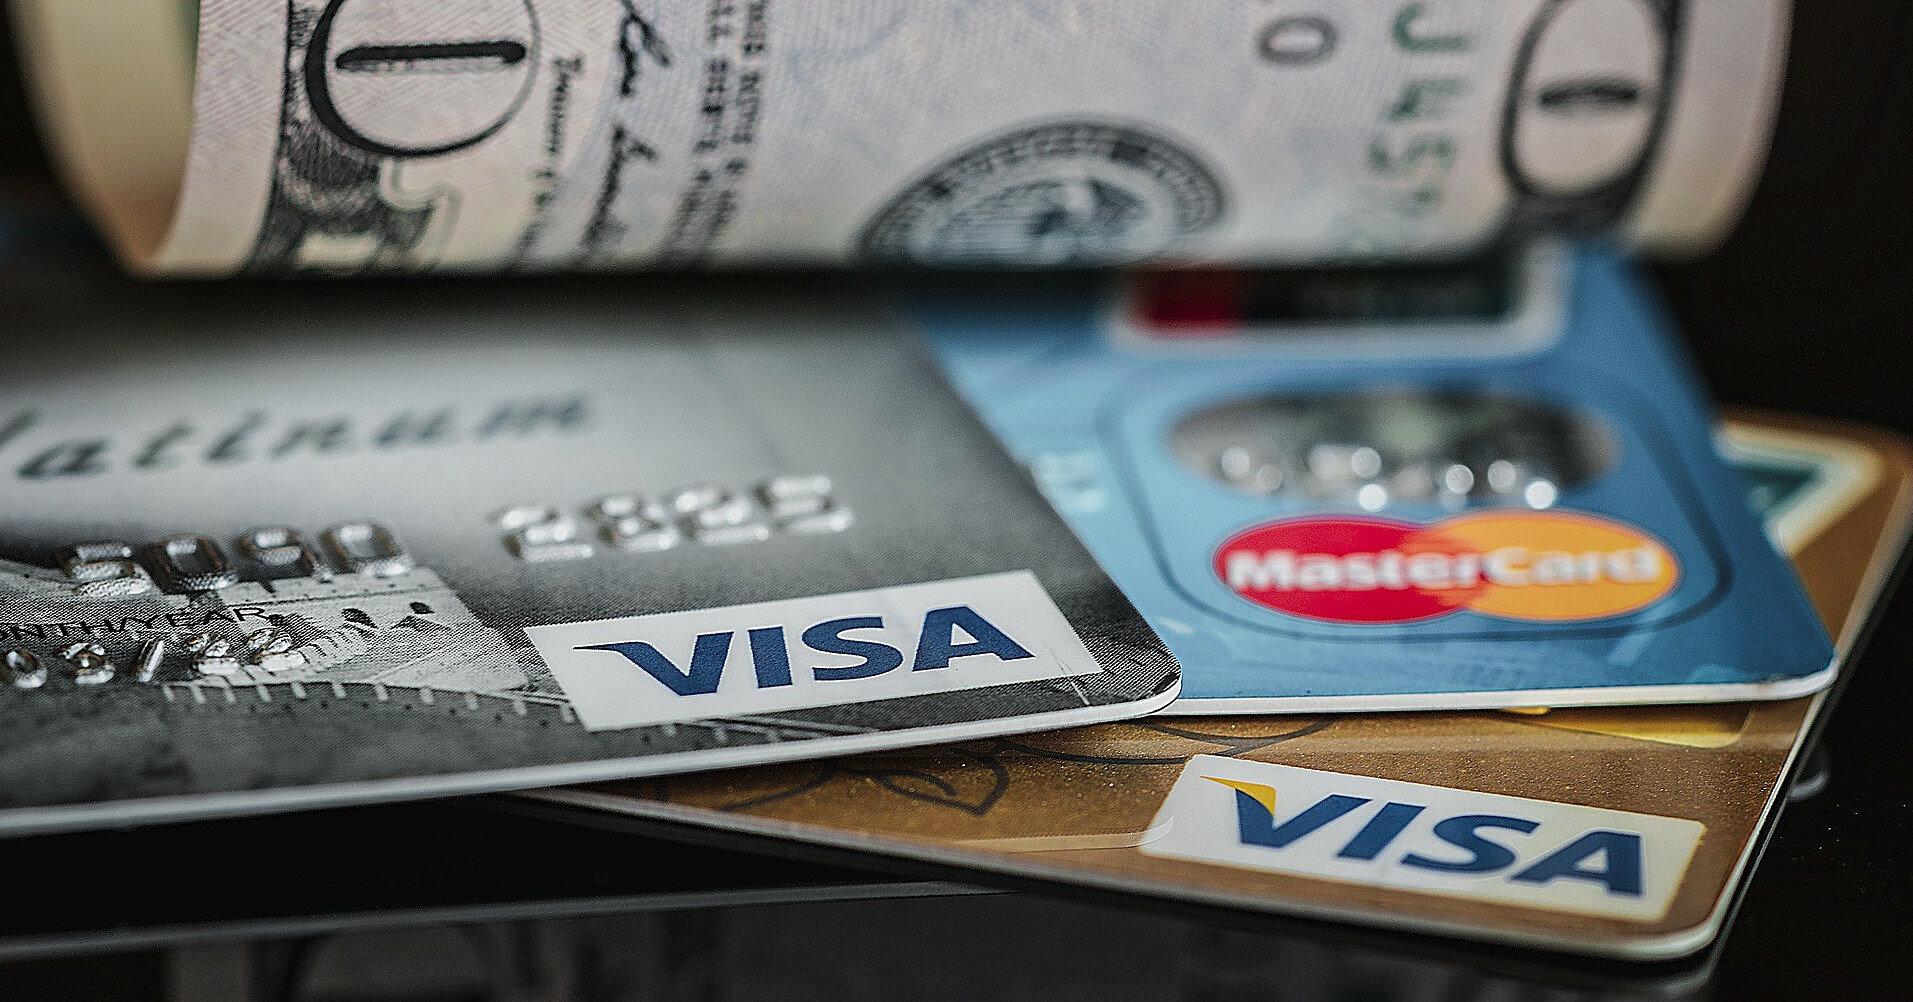 В Украине один из банков прекращает обслуживание карт Visa